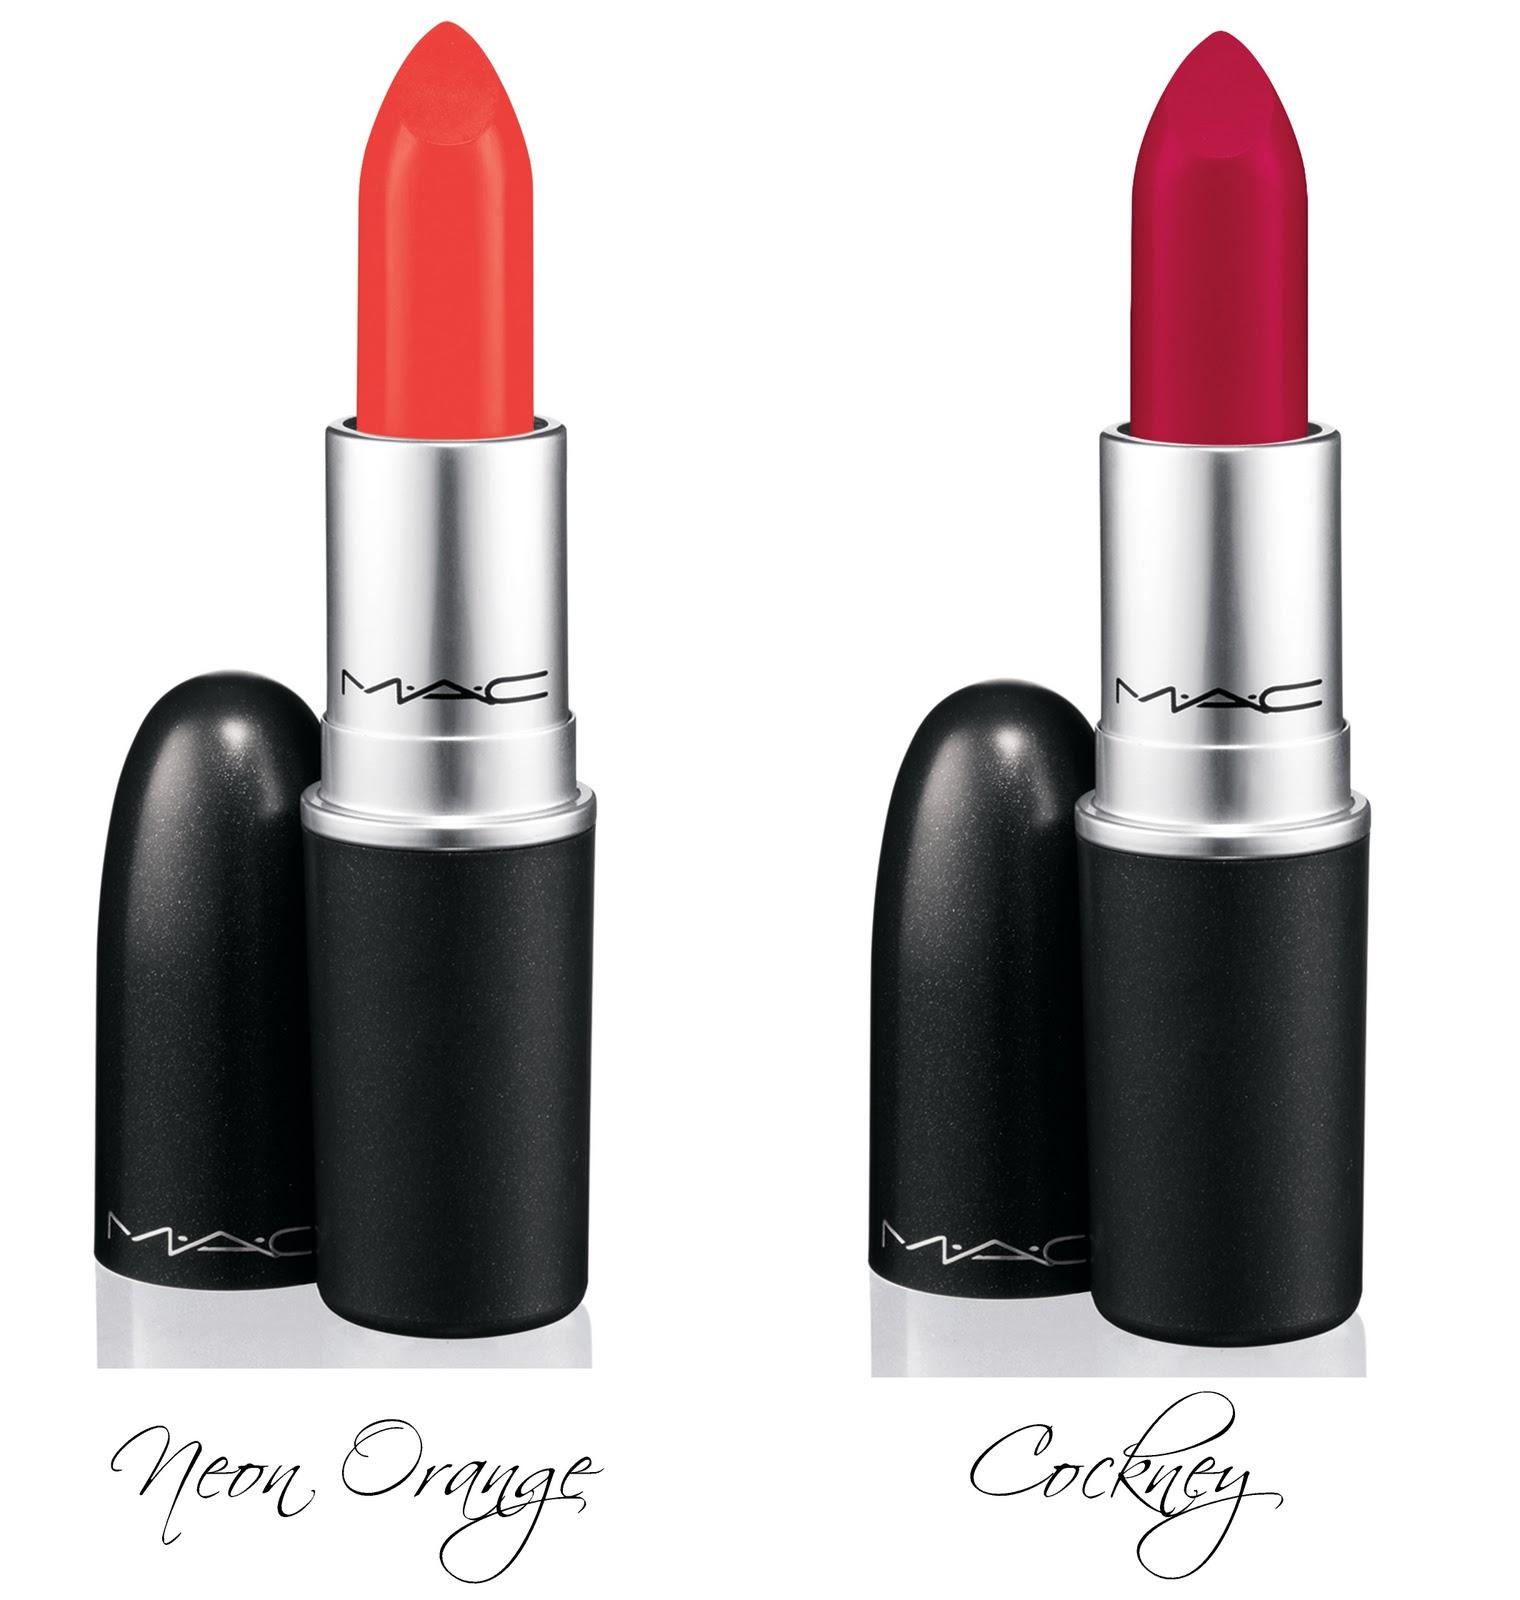 http://4.bp.blogspot.com/_KzaNbgMMhNU/TRVcD9sV6qI/AAAAAAAAKII/Zt6co6Kk8yE/s1600/StylishlyYours-Lipstick-NeonOrange-300.jpg